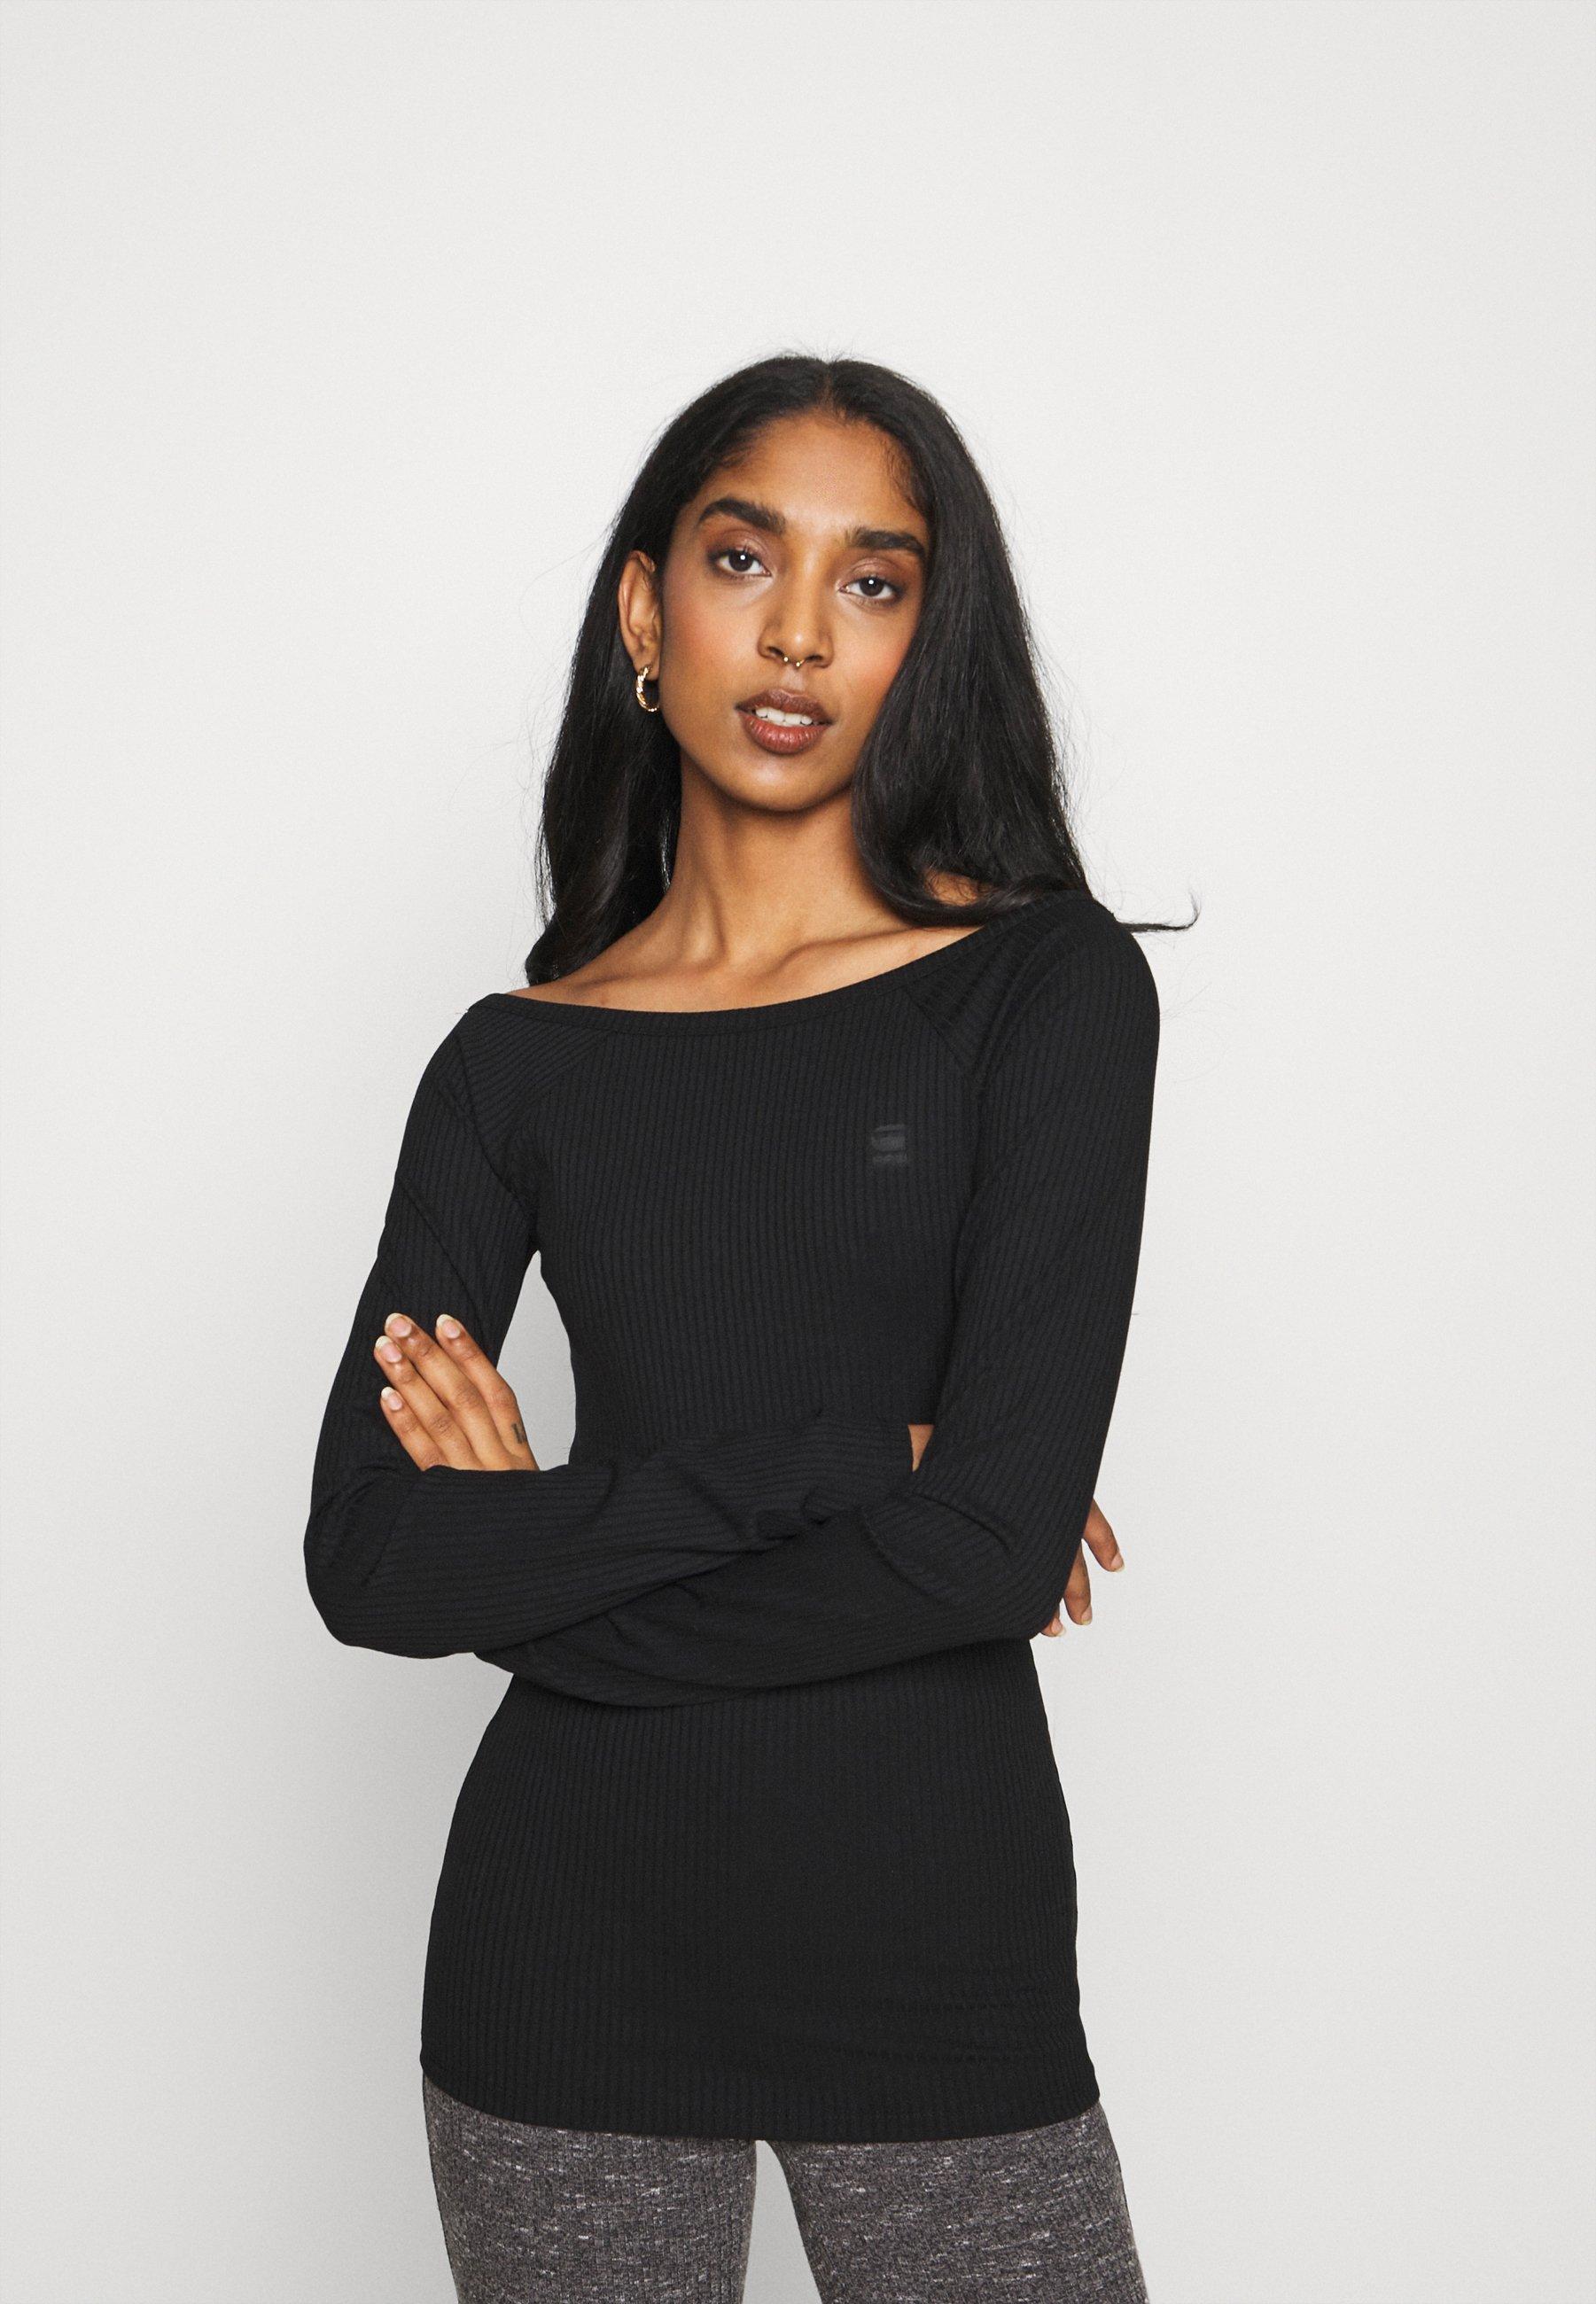 Women DEEP BACK T R WMN LS - Long sleeved top